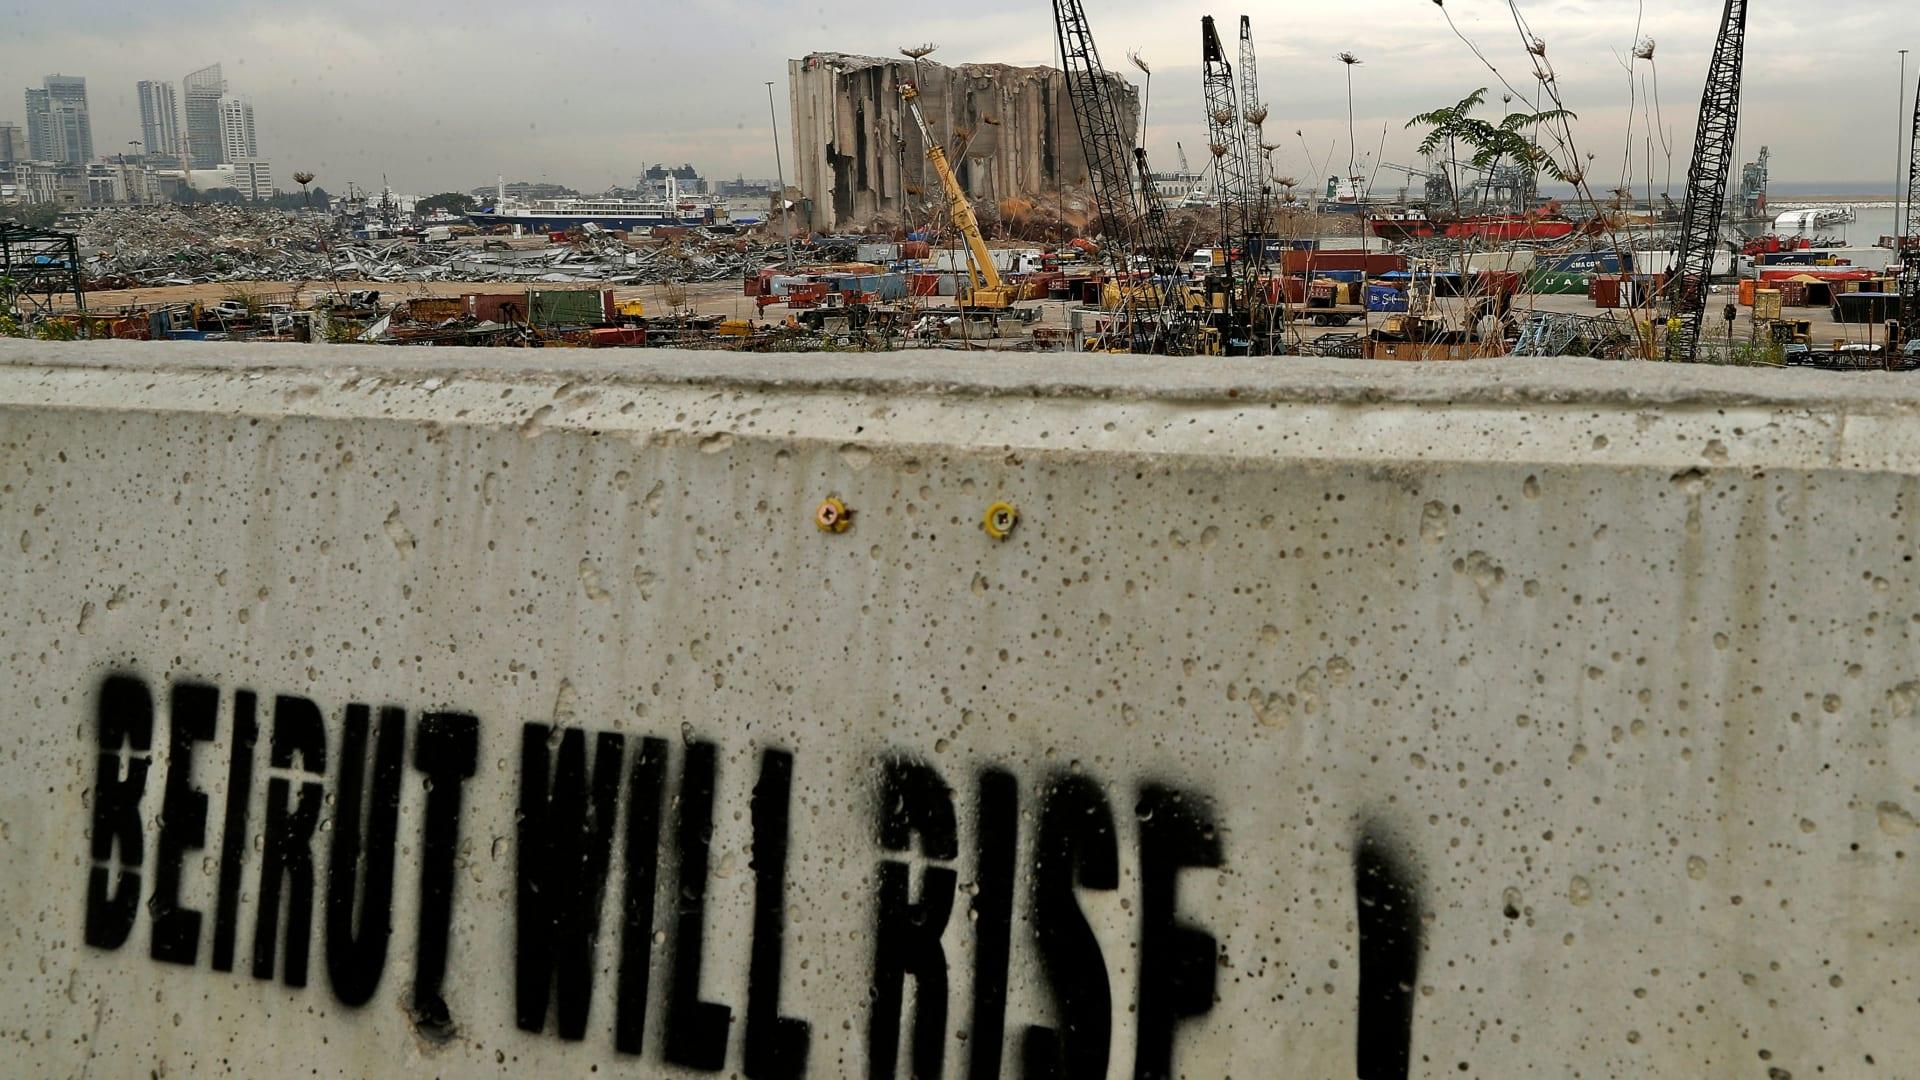 من الانهيار الاقتصادي إلى انفجار المرفأ.. هكذا عانى لبنان في 2020